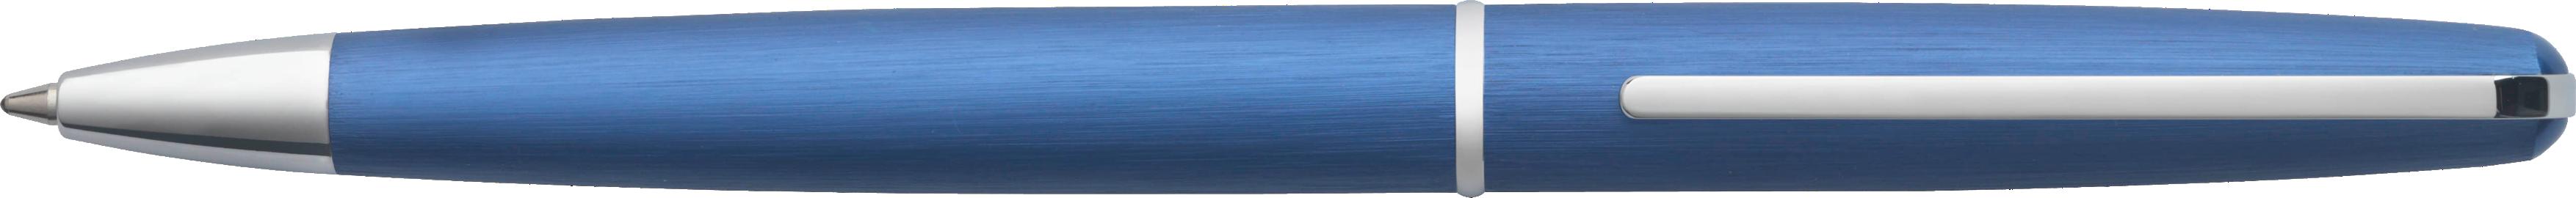 Ручка шариковая PNG фото